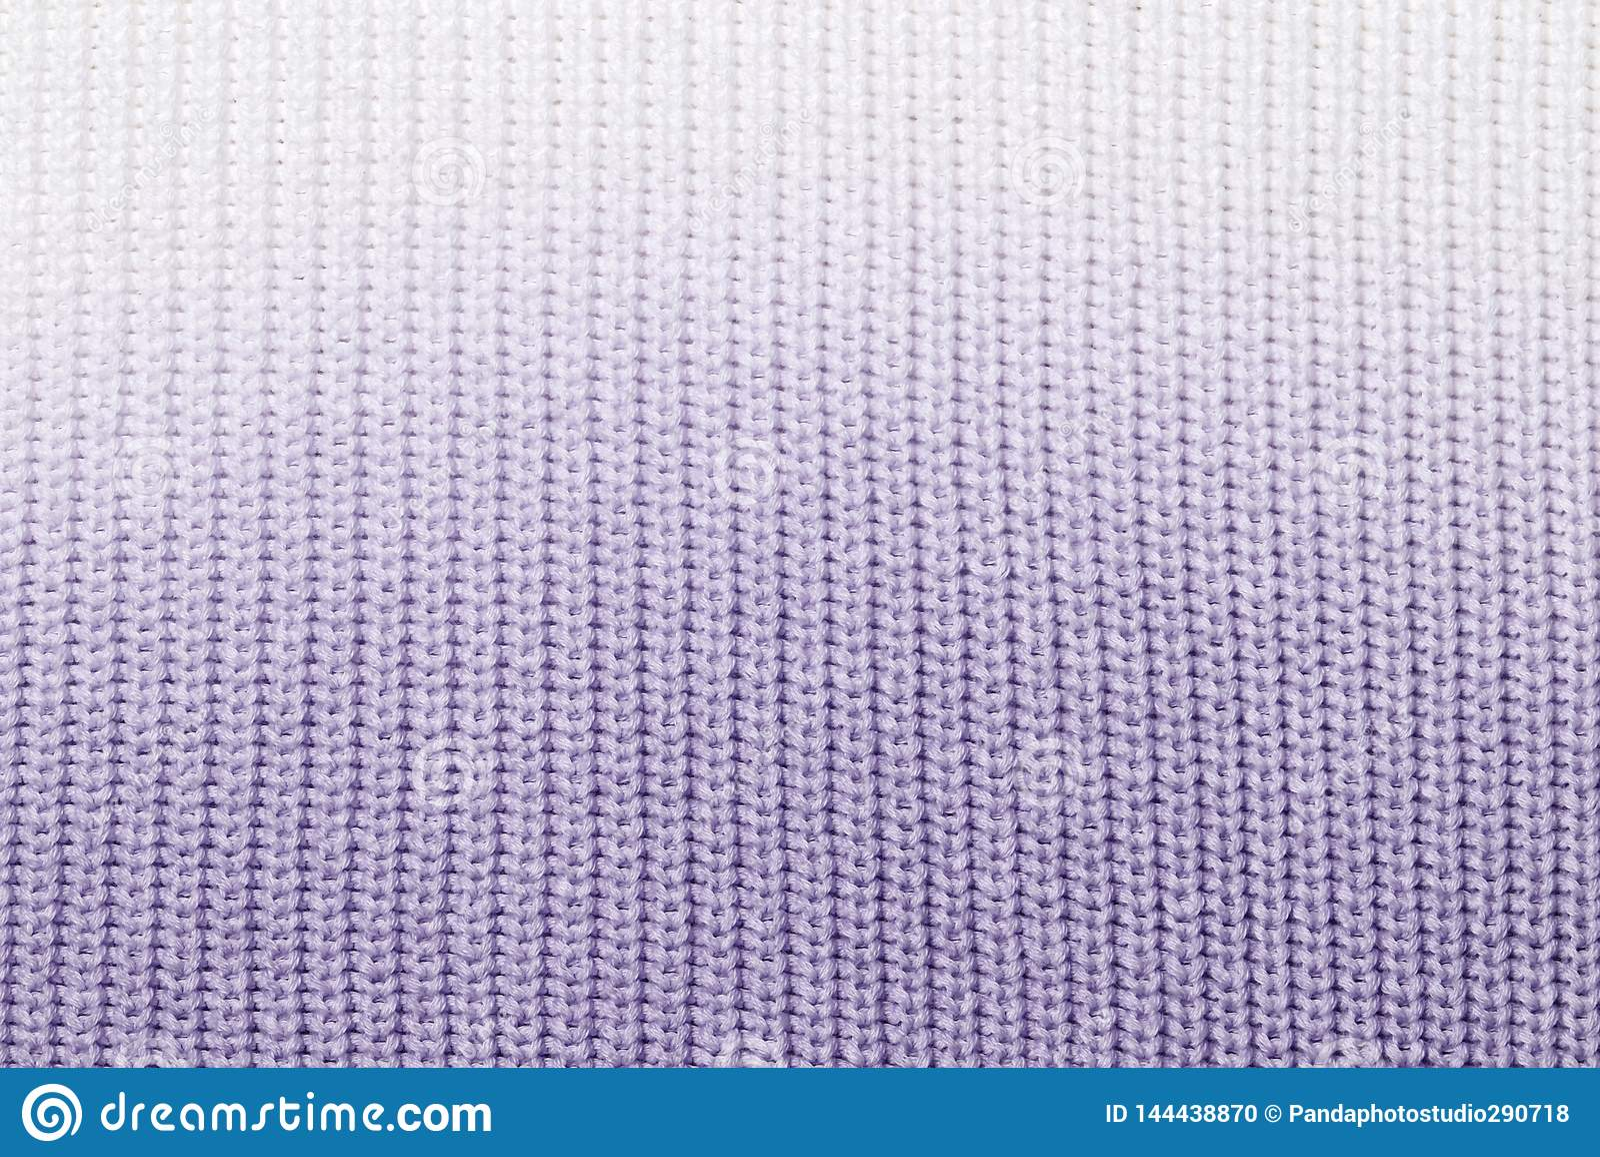 De textuur van een gebreid wollen stoffenblauw